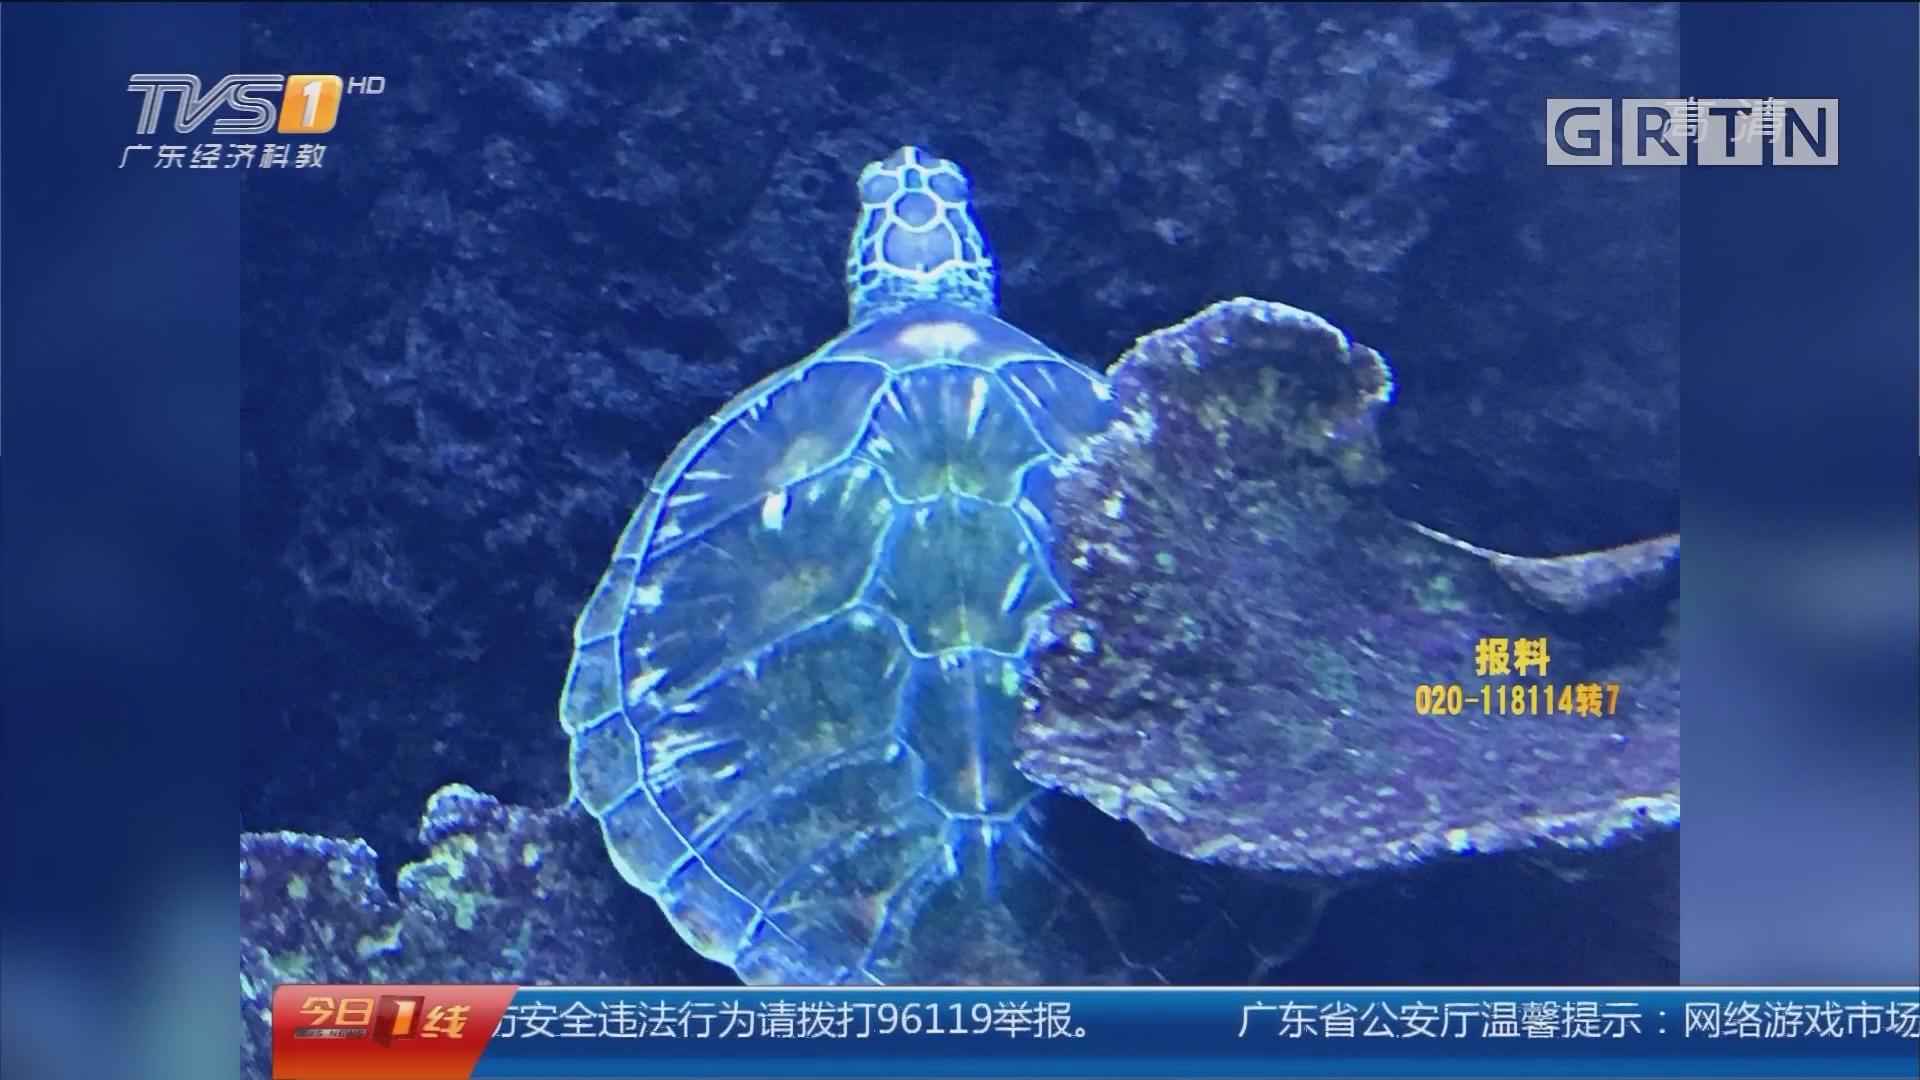 佛山:酒店养了两只龟 被罚款三万六